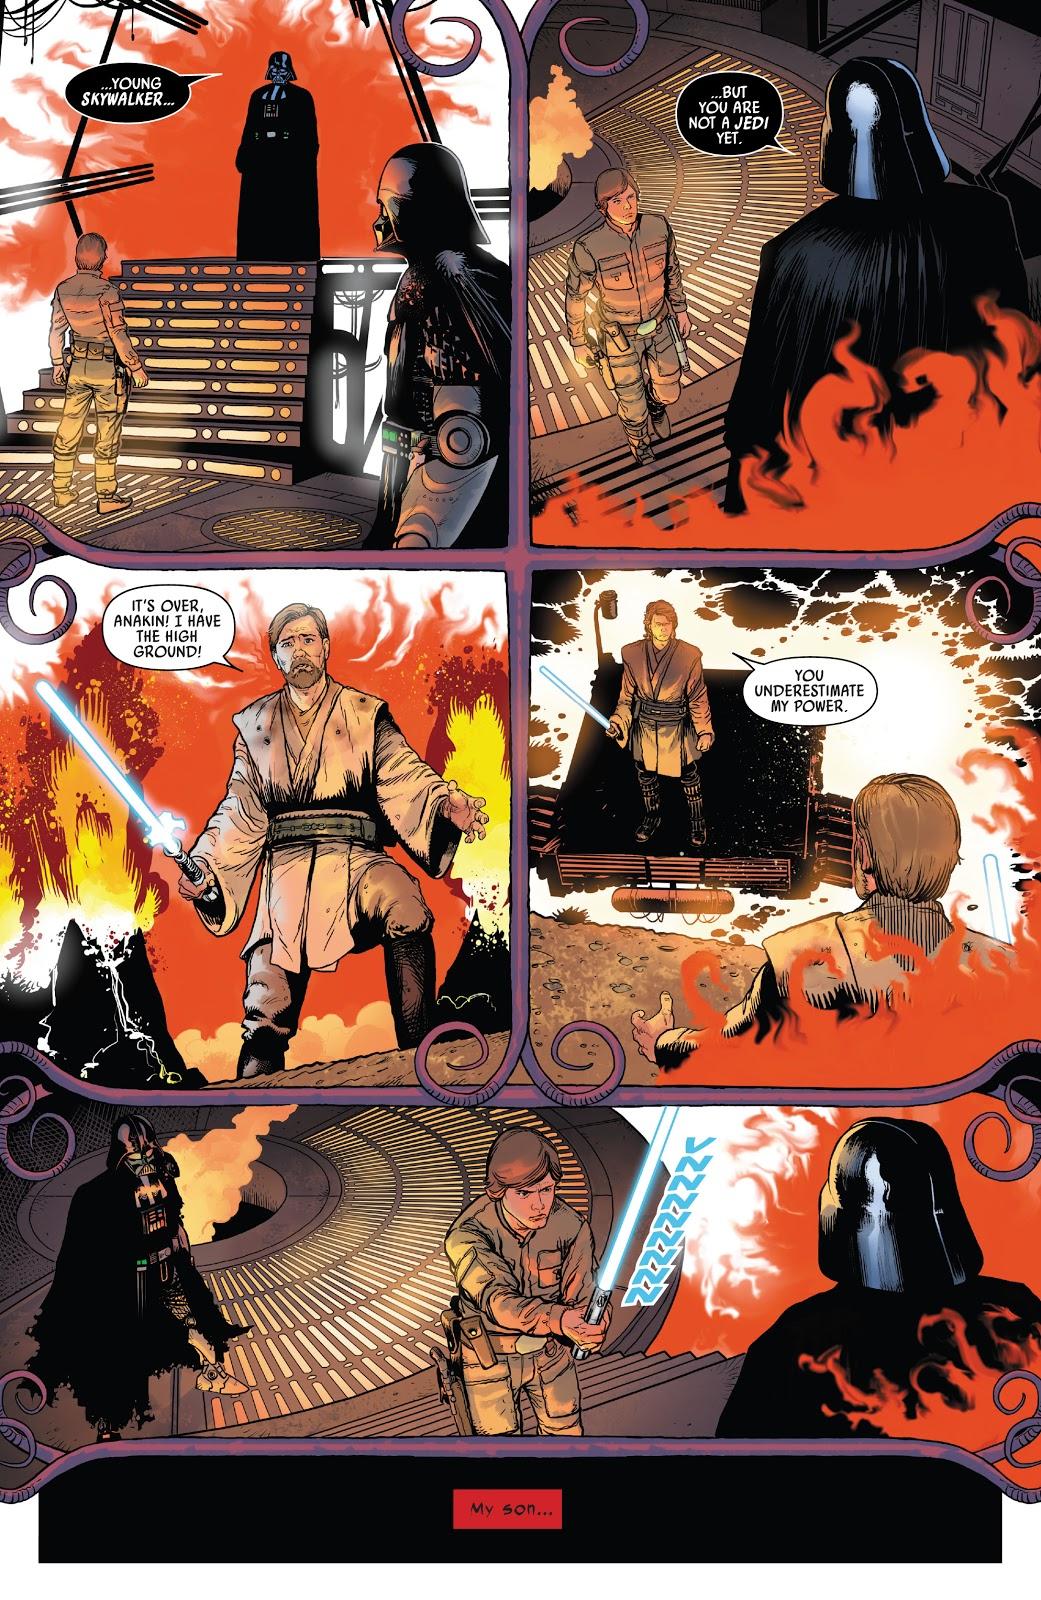 Darth Vader Has A Vision Of His Death